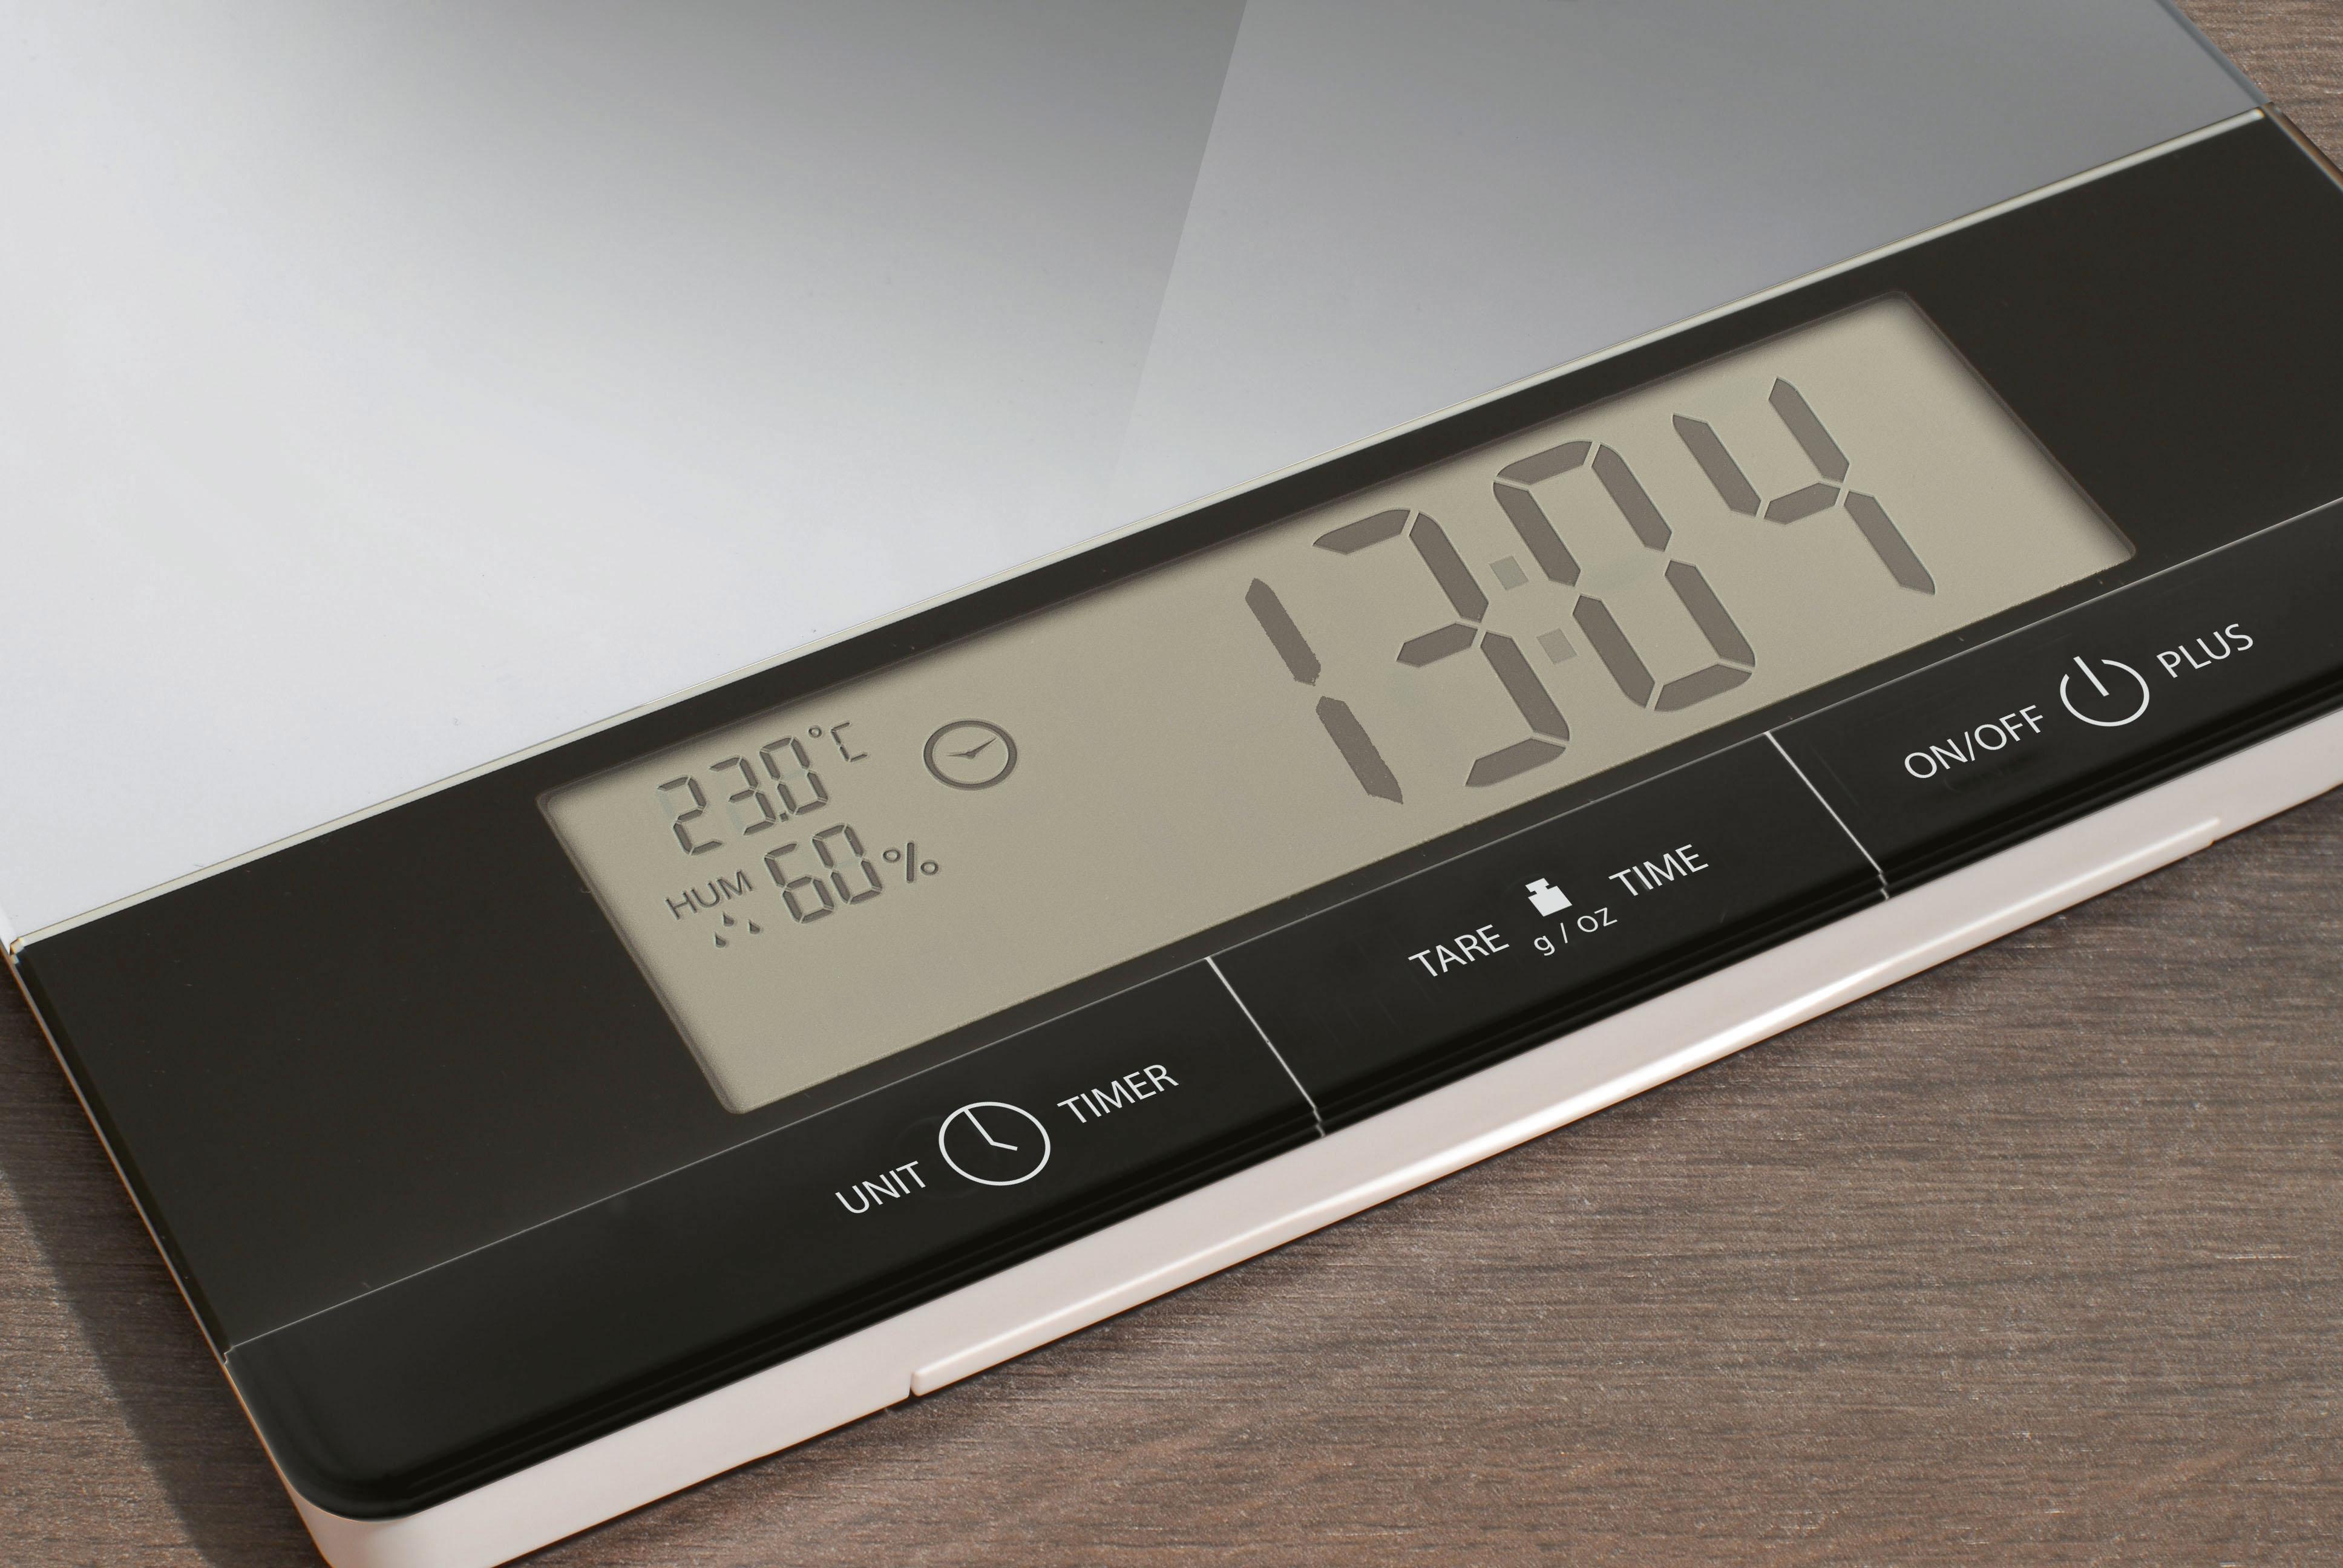 Design Kuchenwaage Mit Klimastation Caso I 10 Caso Design Onlineshop